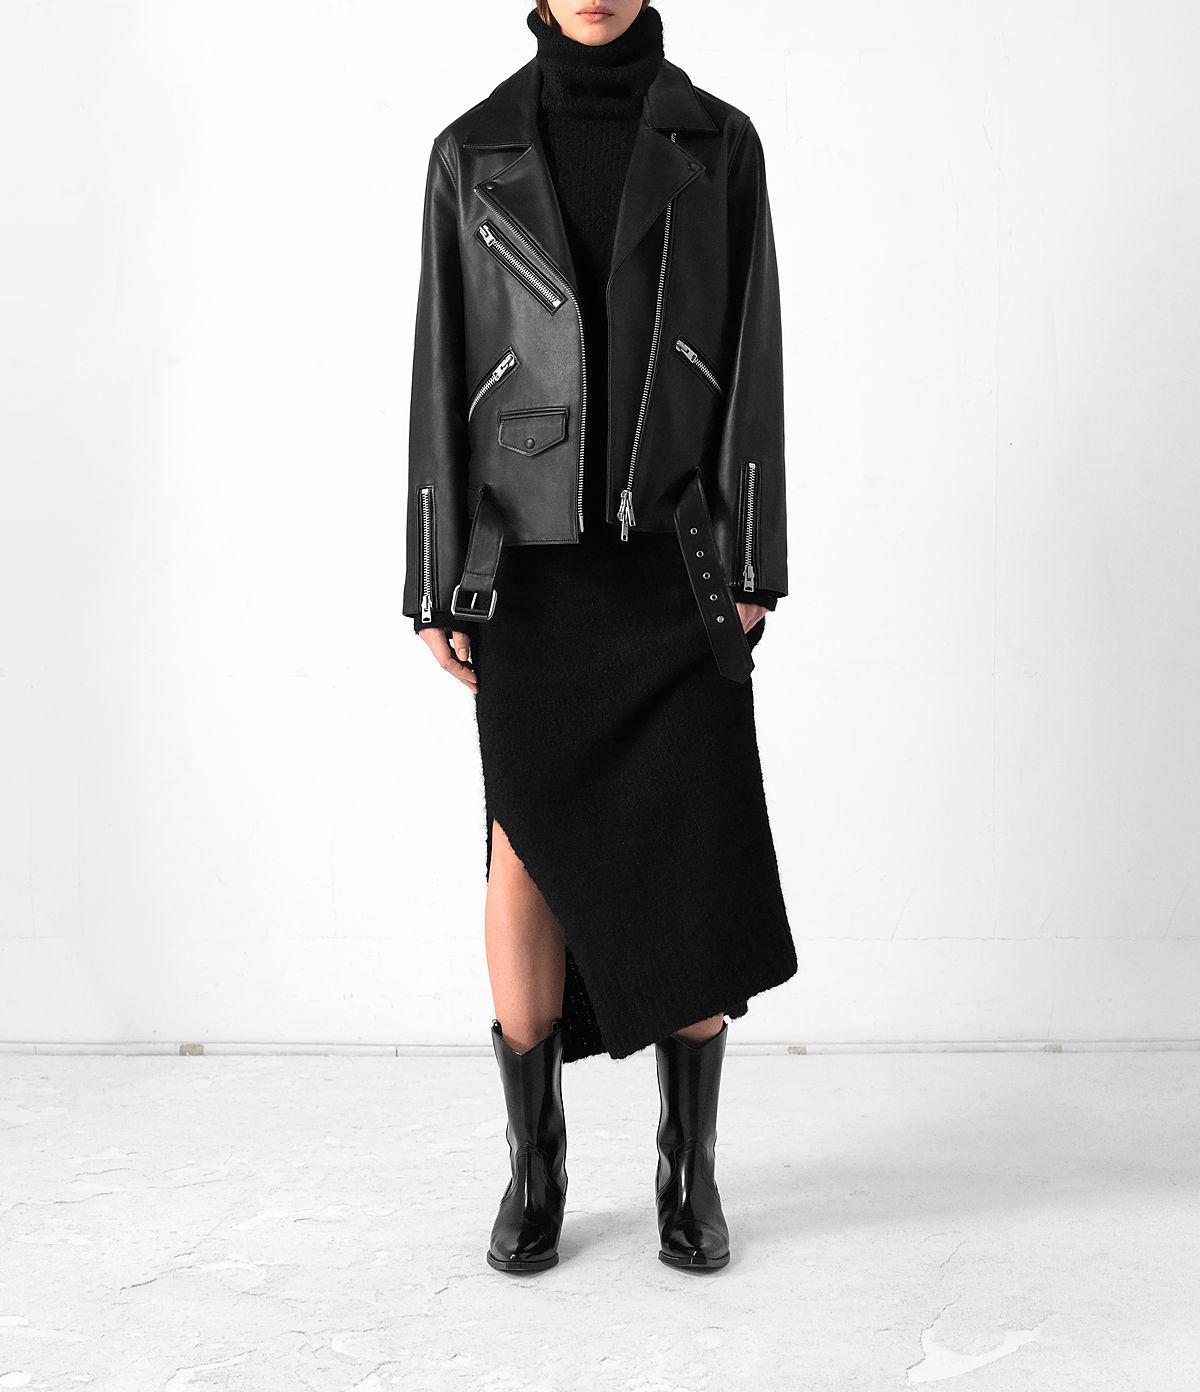 halo-oversized-leather-biker-jacket